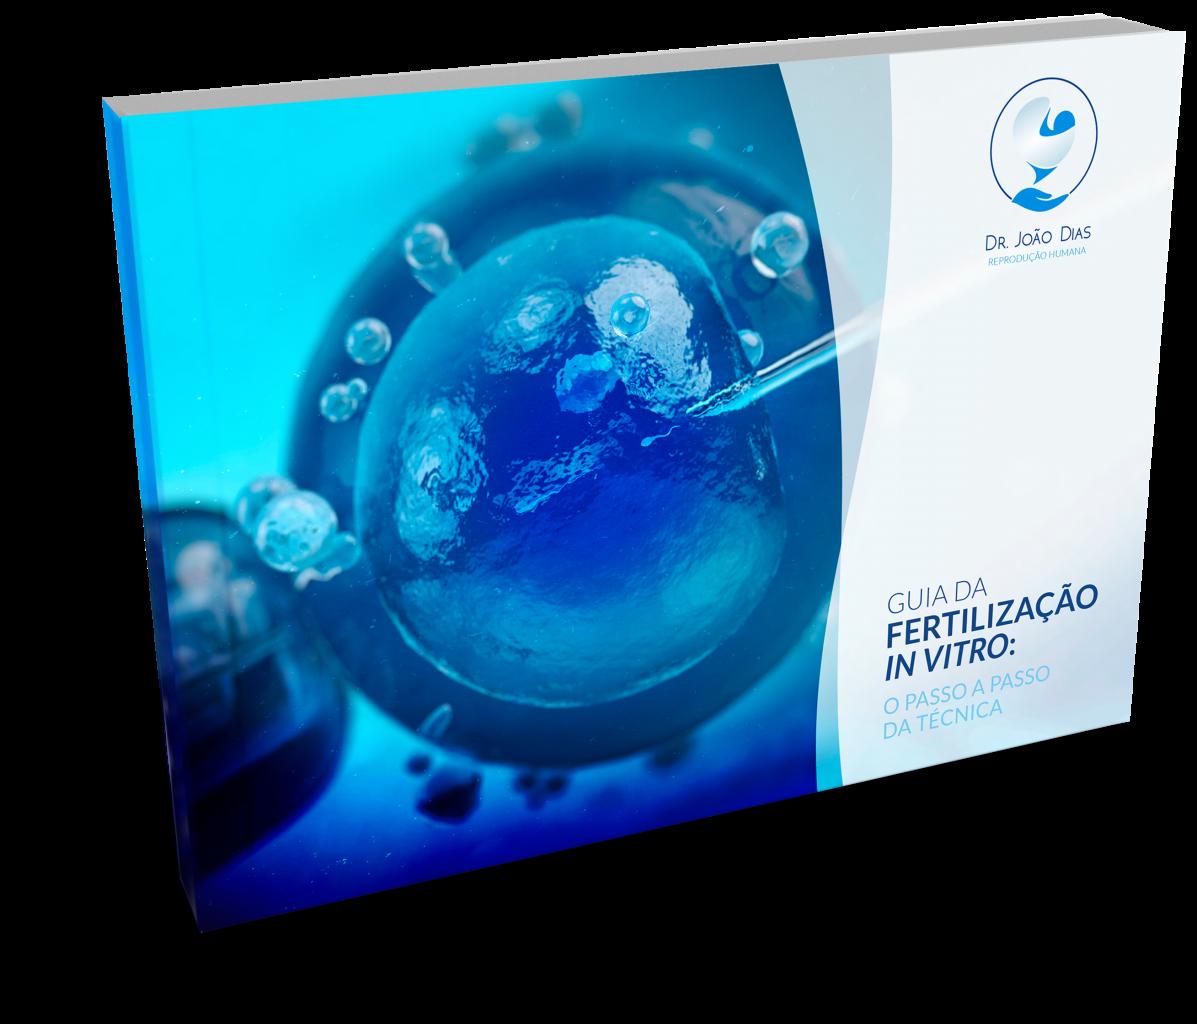 E-book Guia da Fertilização in Vitro: O Passo a Passo da Técnica